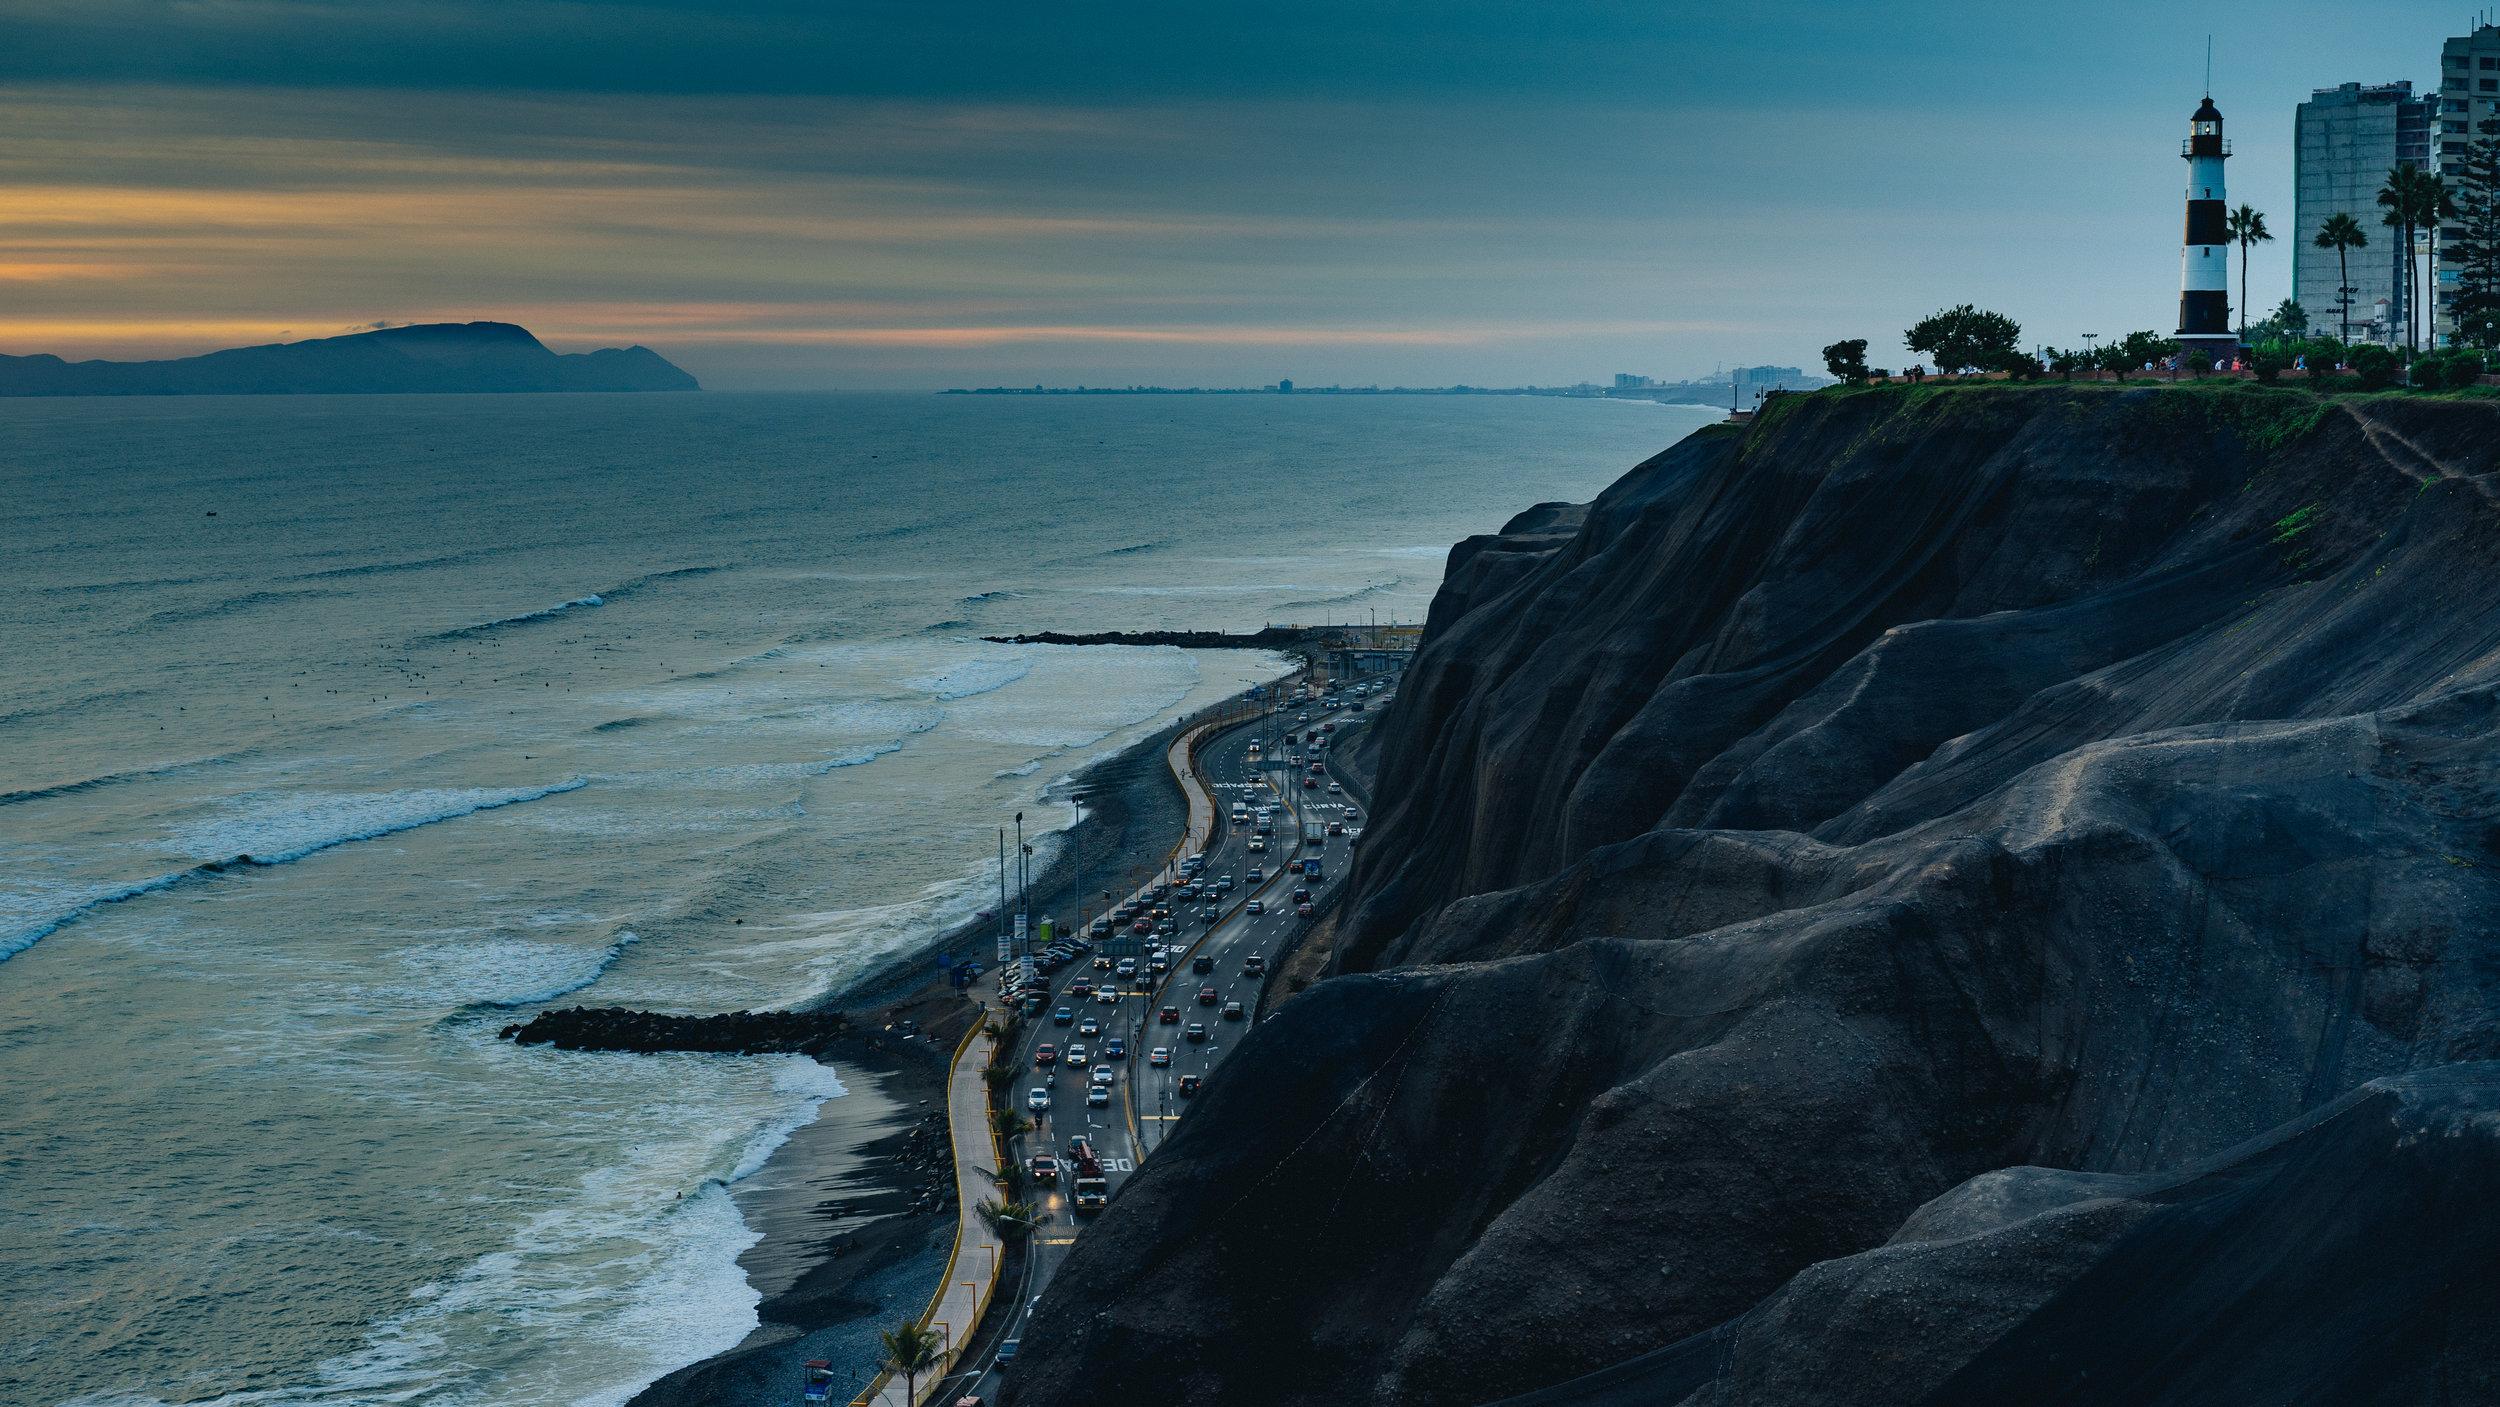 Lima, Perú - Año tras año o durante la última década, Lima ha sido galardonada como una de las mejores ciudades del Mundo en gastronomía. Aún así, la capital peruana es una ciudad muy accesible al bolsillo del viajero. Sus famosos barrios de Miraflores y Barranco están llenos de nuevos cafés y restaurantes creativos que añaden un valor único a la experiencia del viajero. El centro histórico de Lima se ha sometido a una restauración y planes de ornato en los últimos años los cuales permiten poder disfrutar de la arquitectura histórica de esta gran ciudad en todo su esplendor. En Lima puedes alojarte por precios razonables entre $60 a $110 por noche.